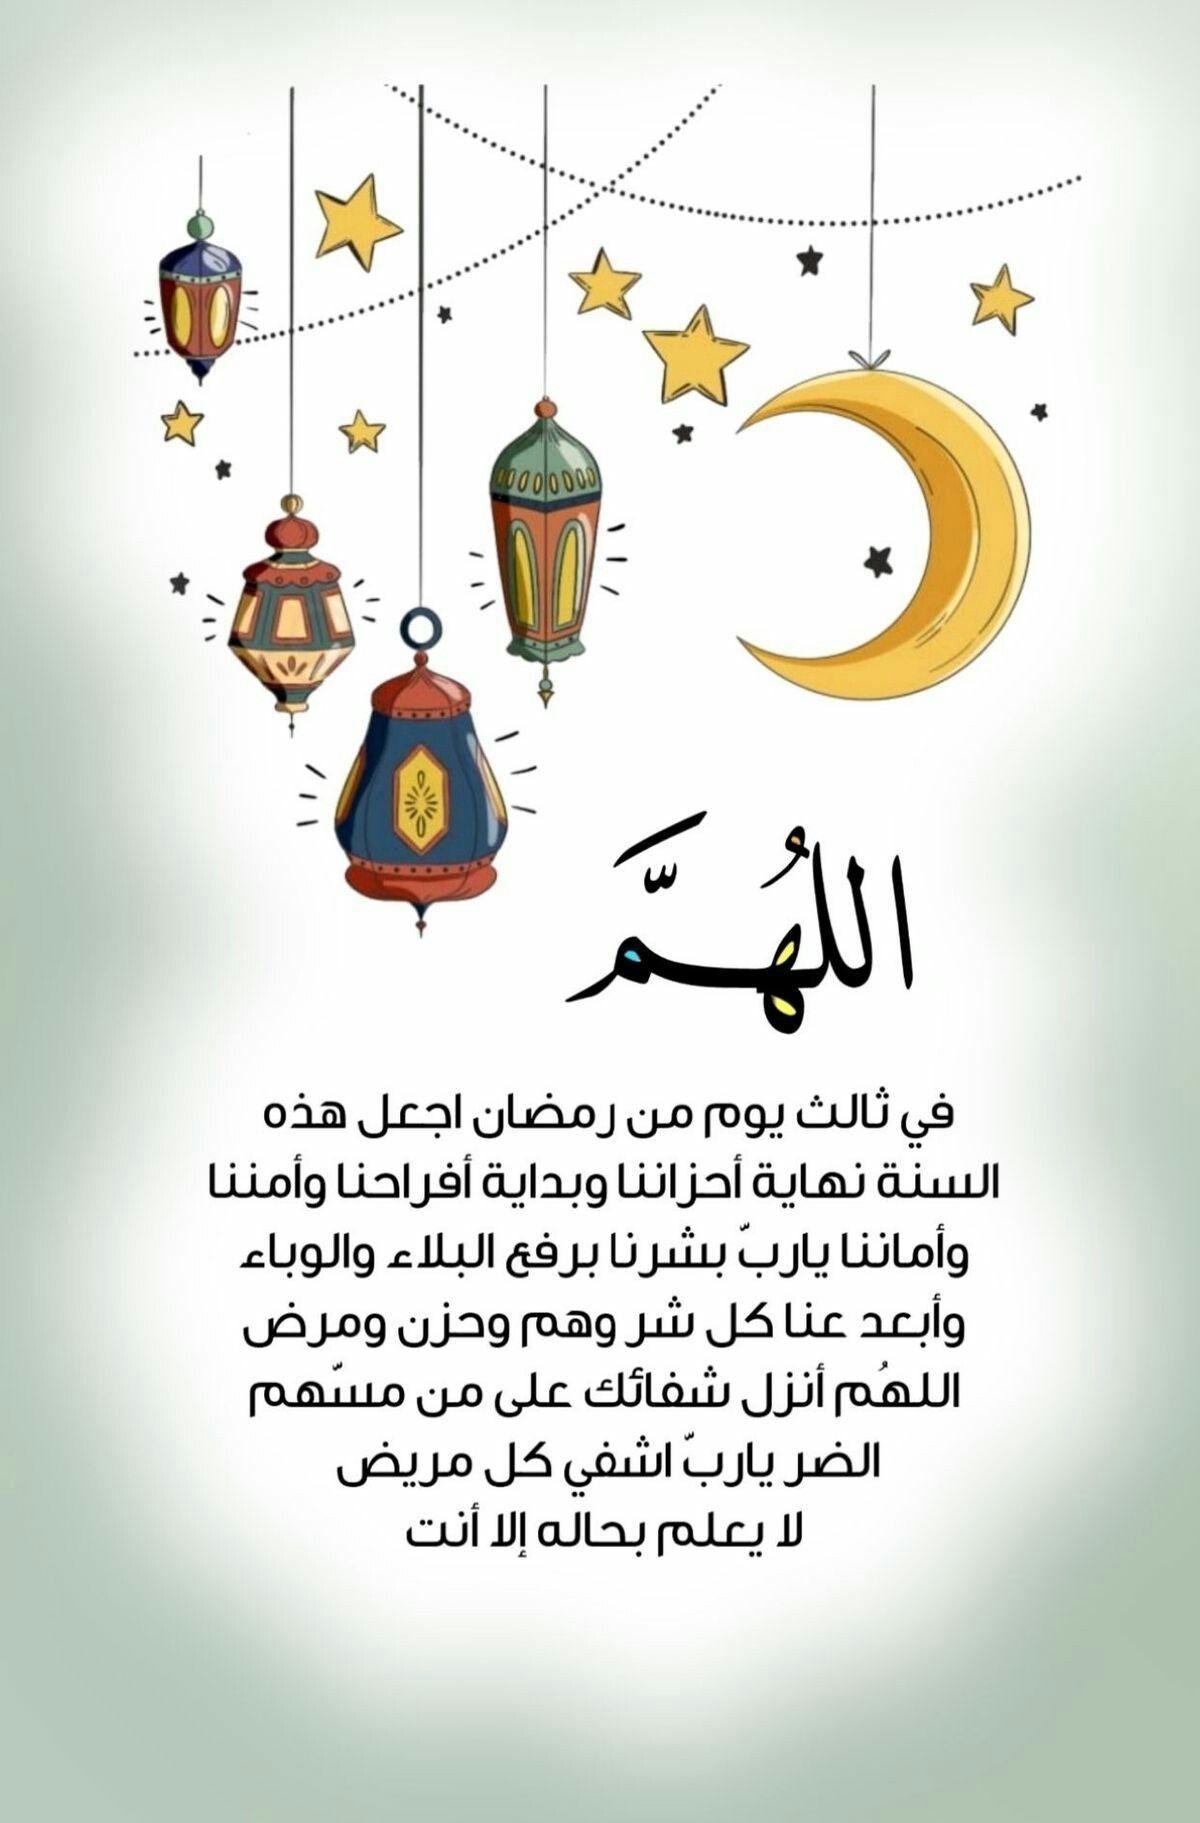 Pin By صورة و كلمة On رمضان كريم Ramadan Kareem Ramadan Crafts Ramadan Ramadan Kareem